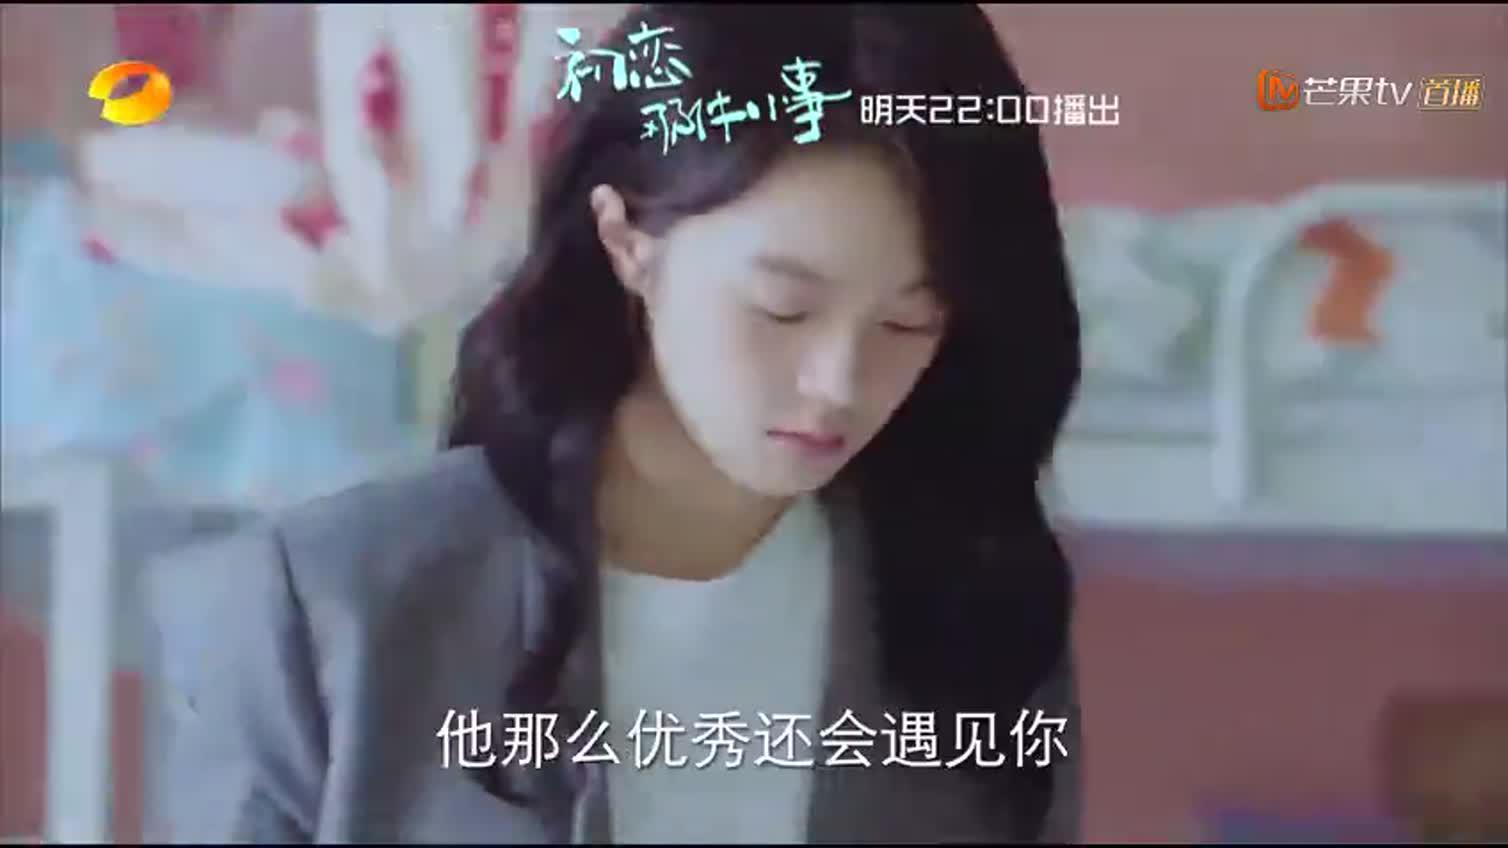 《初恋那件小事》第27集看点:淼淼想告白却得知学长要出国